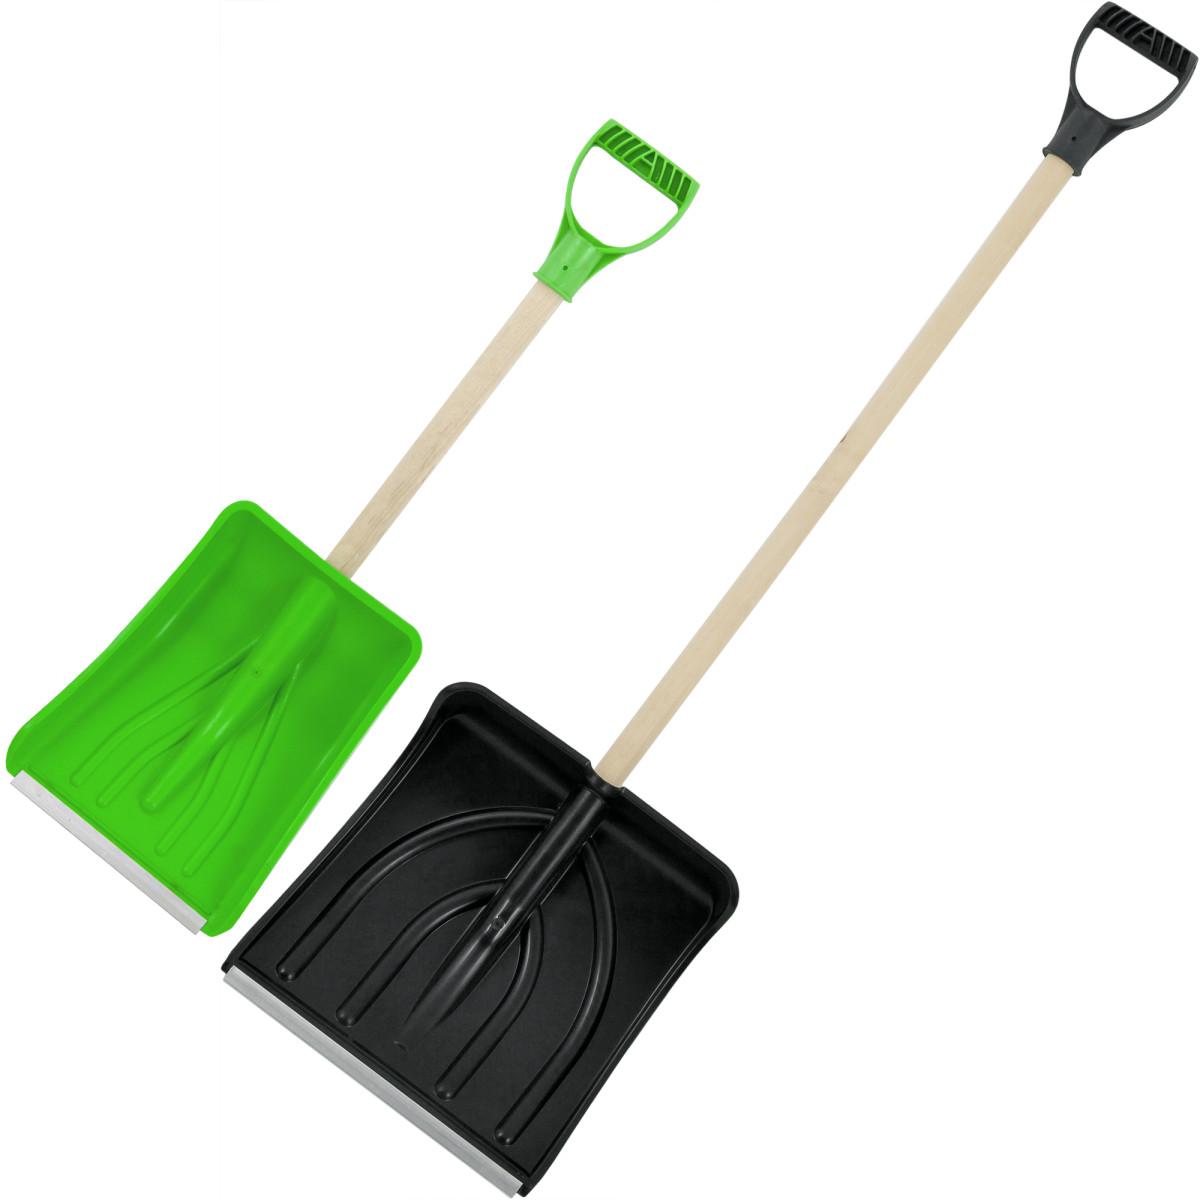 Набор лопат для уборки снега Семейный 2 шт.